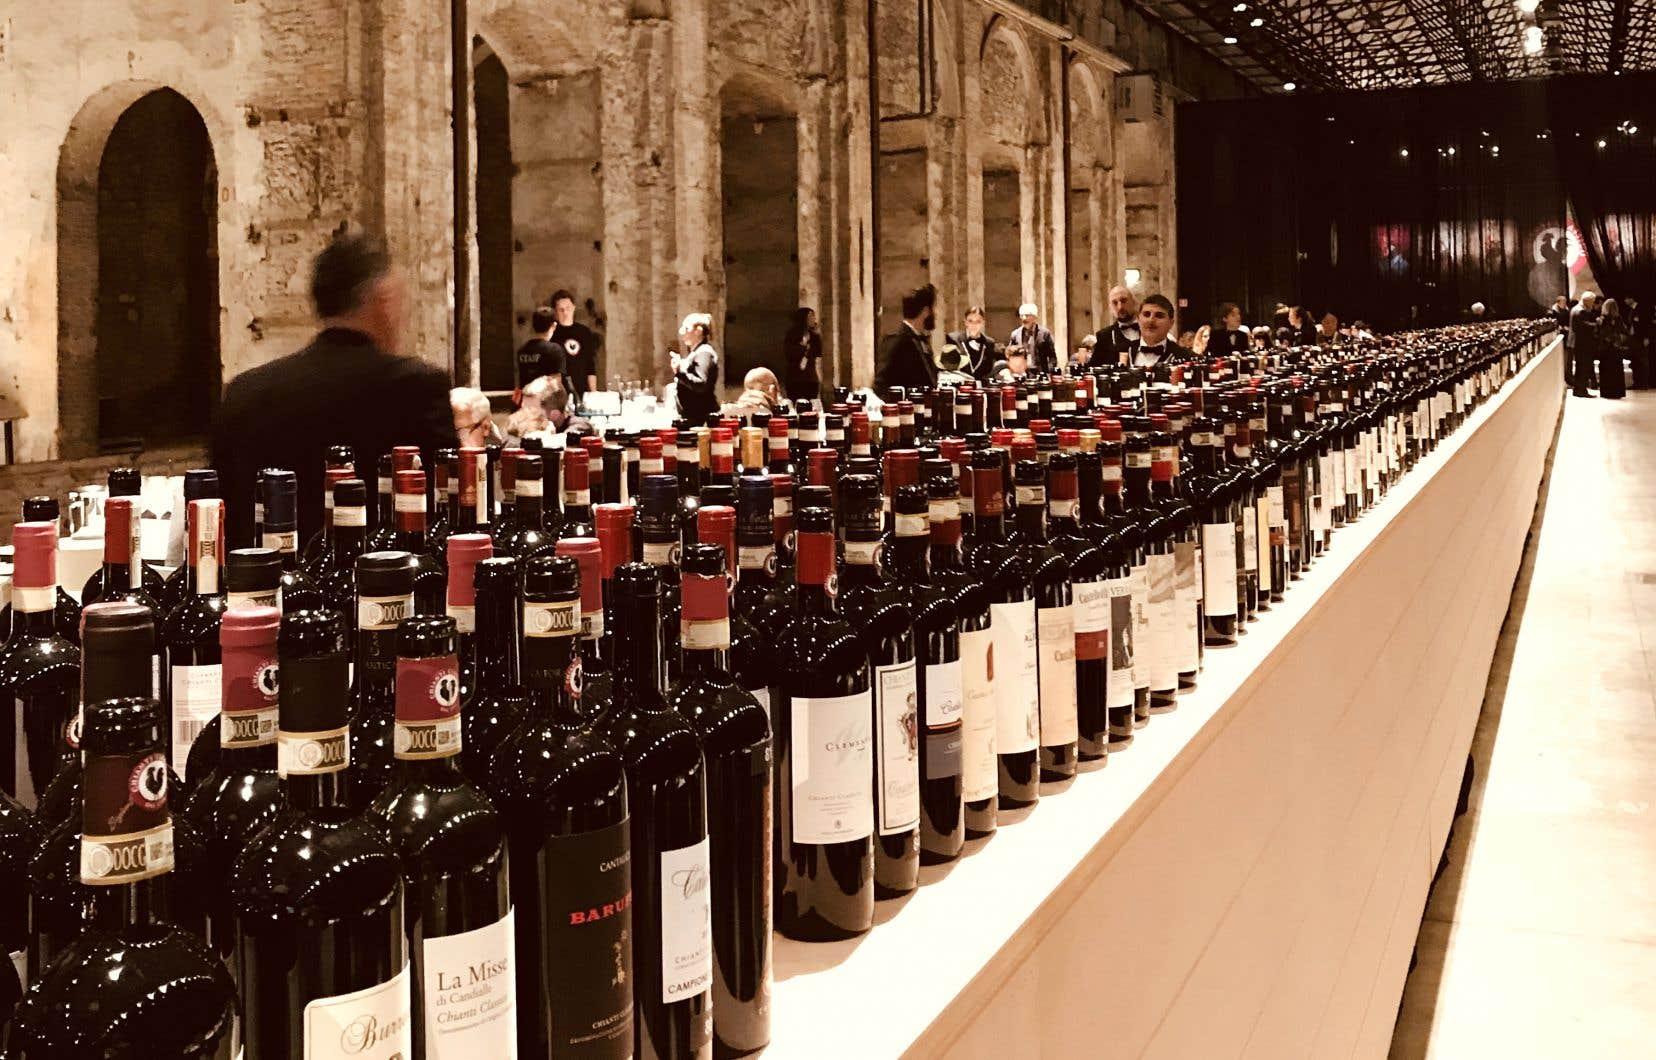 Anteprime 2018 en Toscane du côté de l'appellation Chianti Classico: pas moins de 436 cuvées à base de sangiovese soumises à la dégustation!